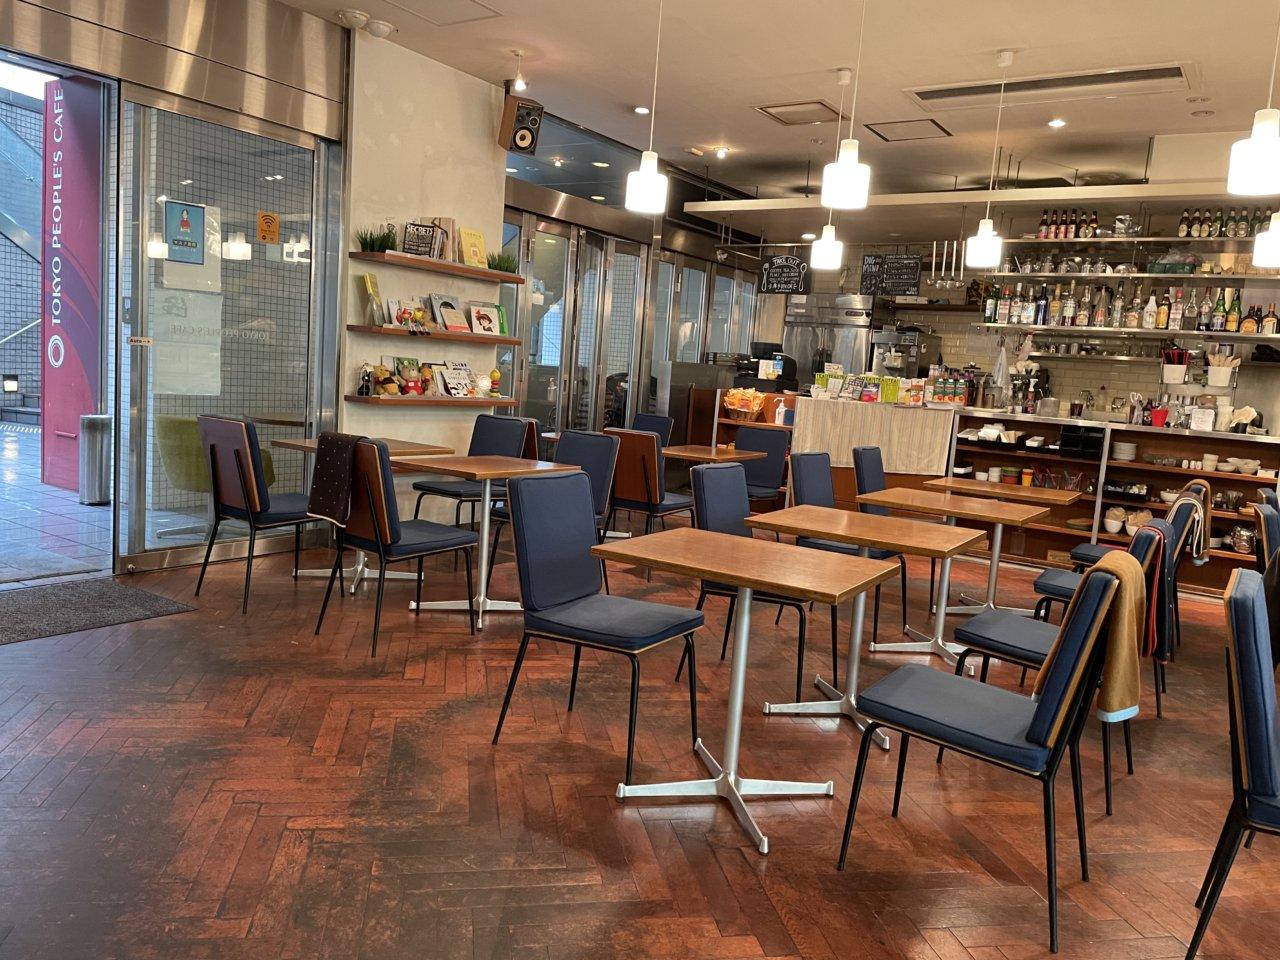 トレーナーおすすめカフェ『TOKYO PEOPLE'S CAFE 駒沢店』(ダイエット専門駒沢大学パーソナルトレーニング ジム)の画像